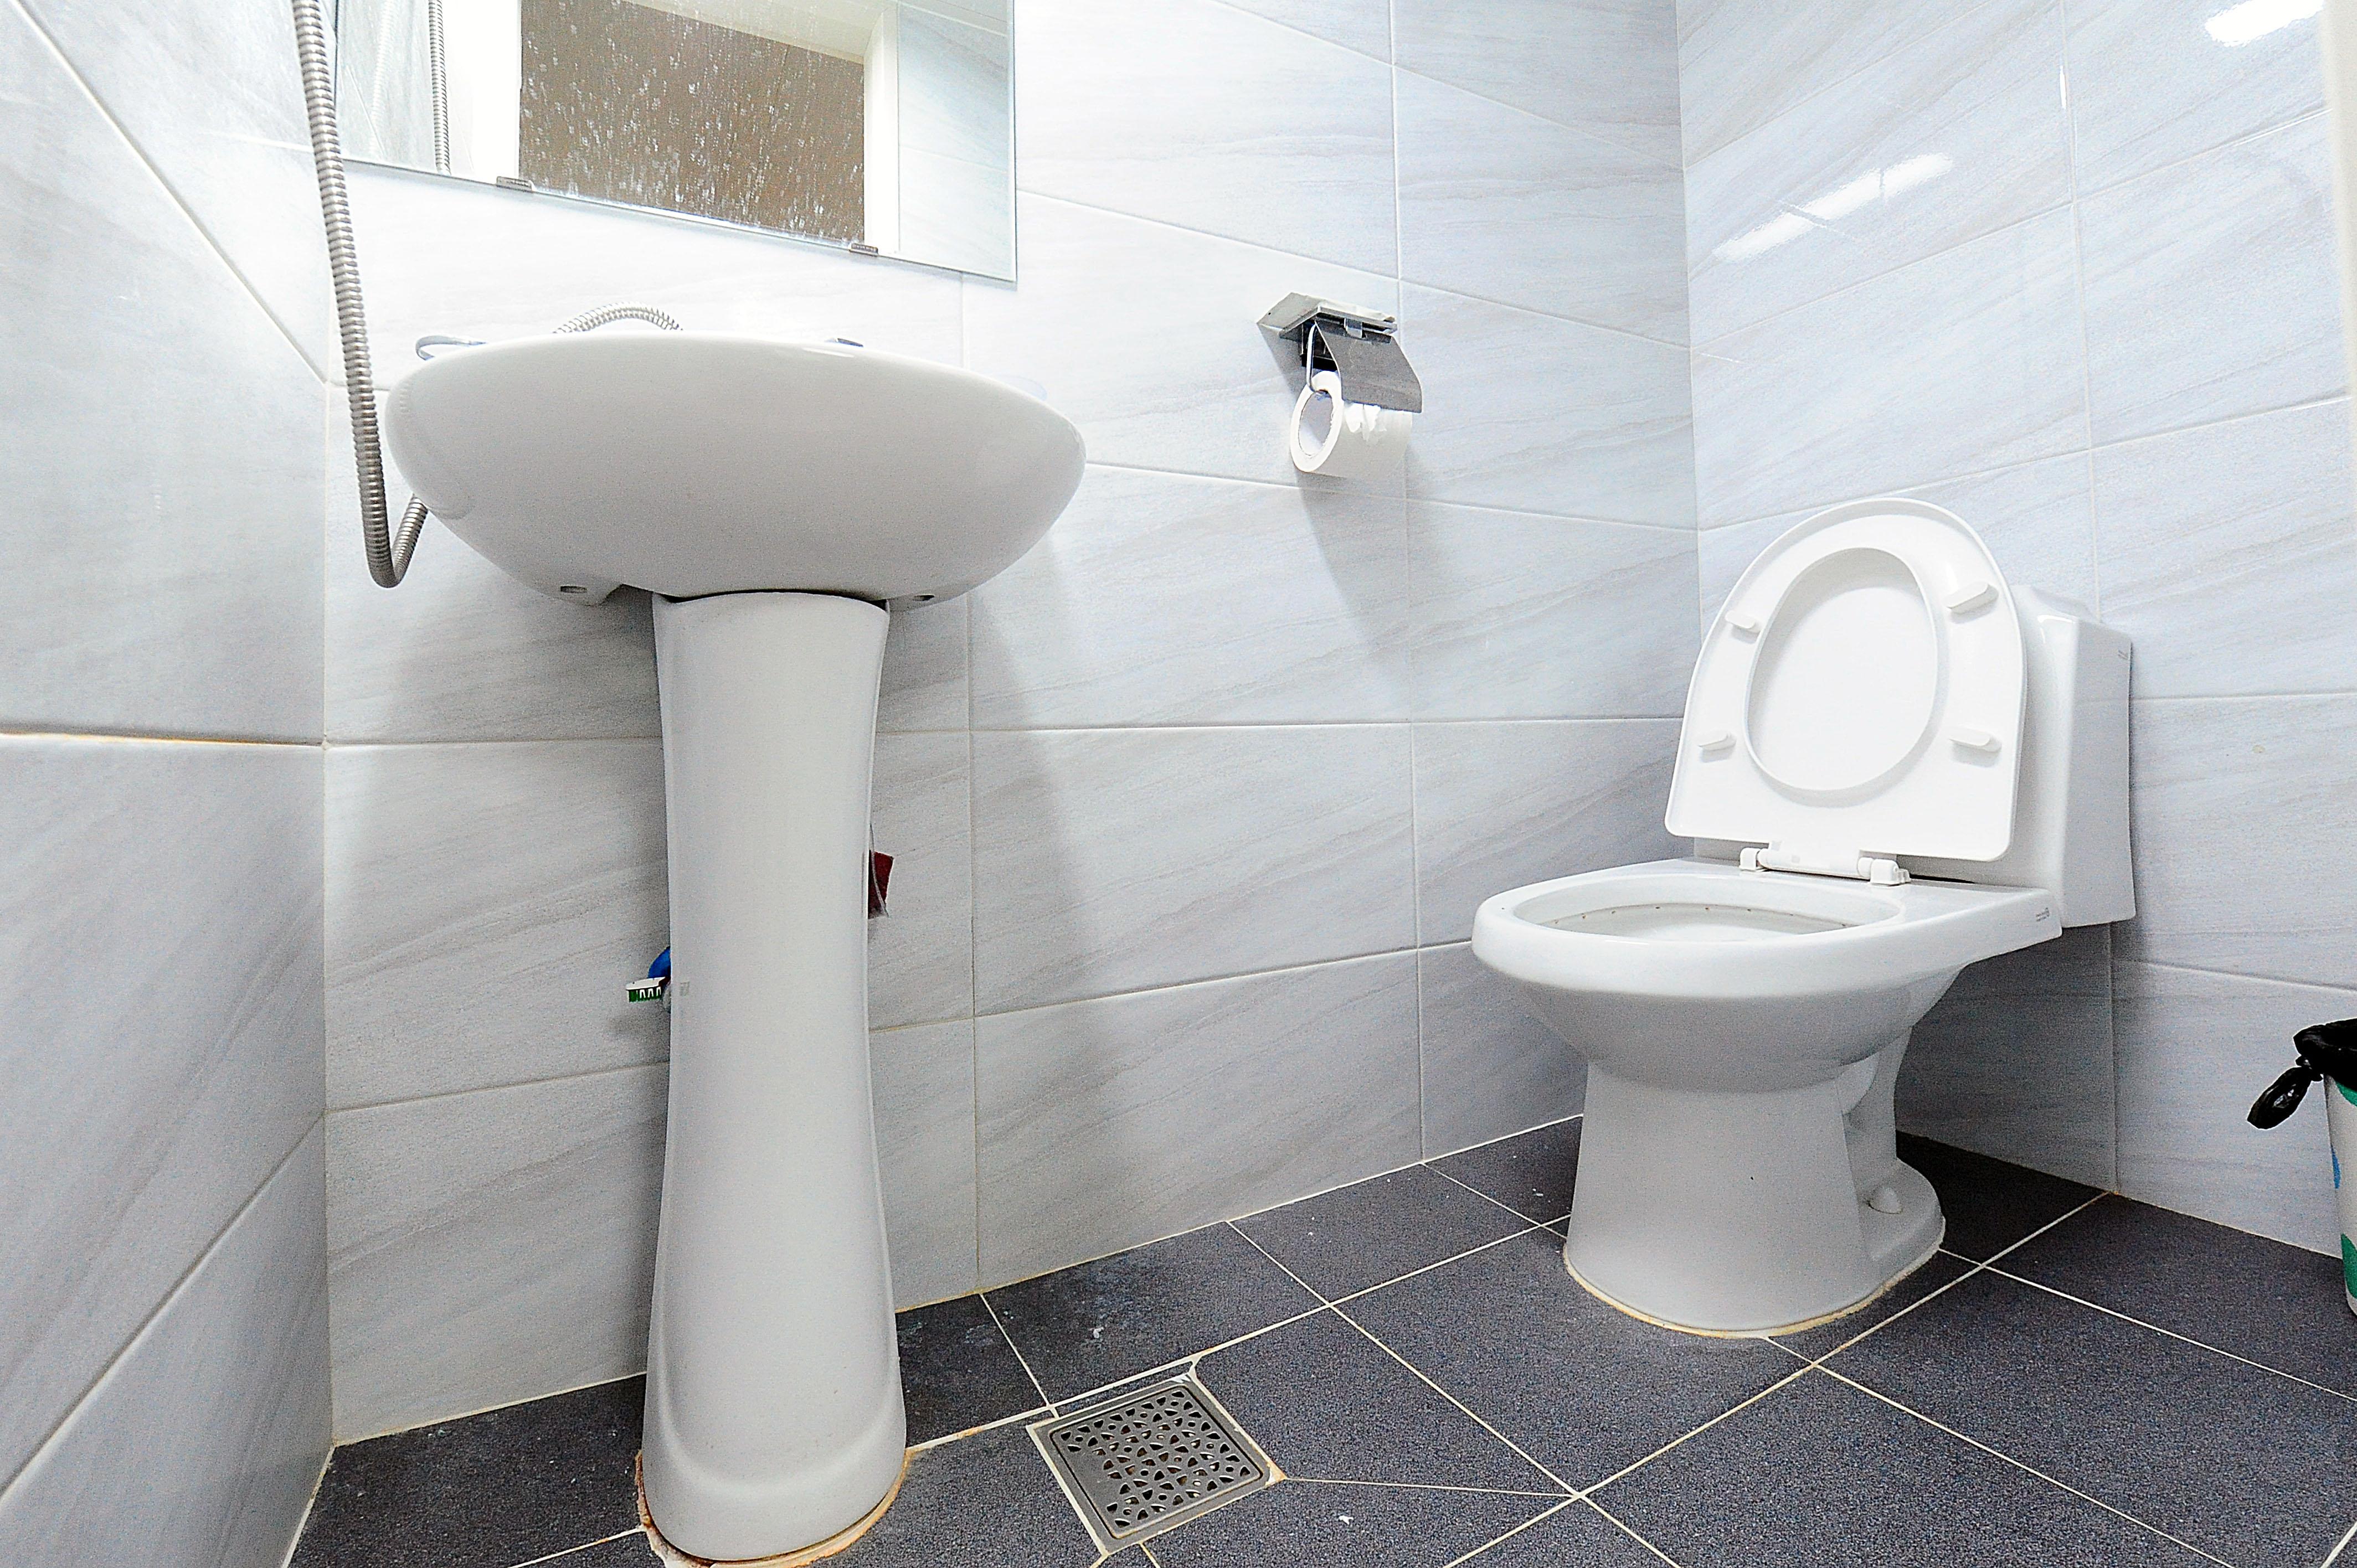 크리스하우스 믿음/소망/사랑동 3층 화장실